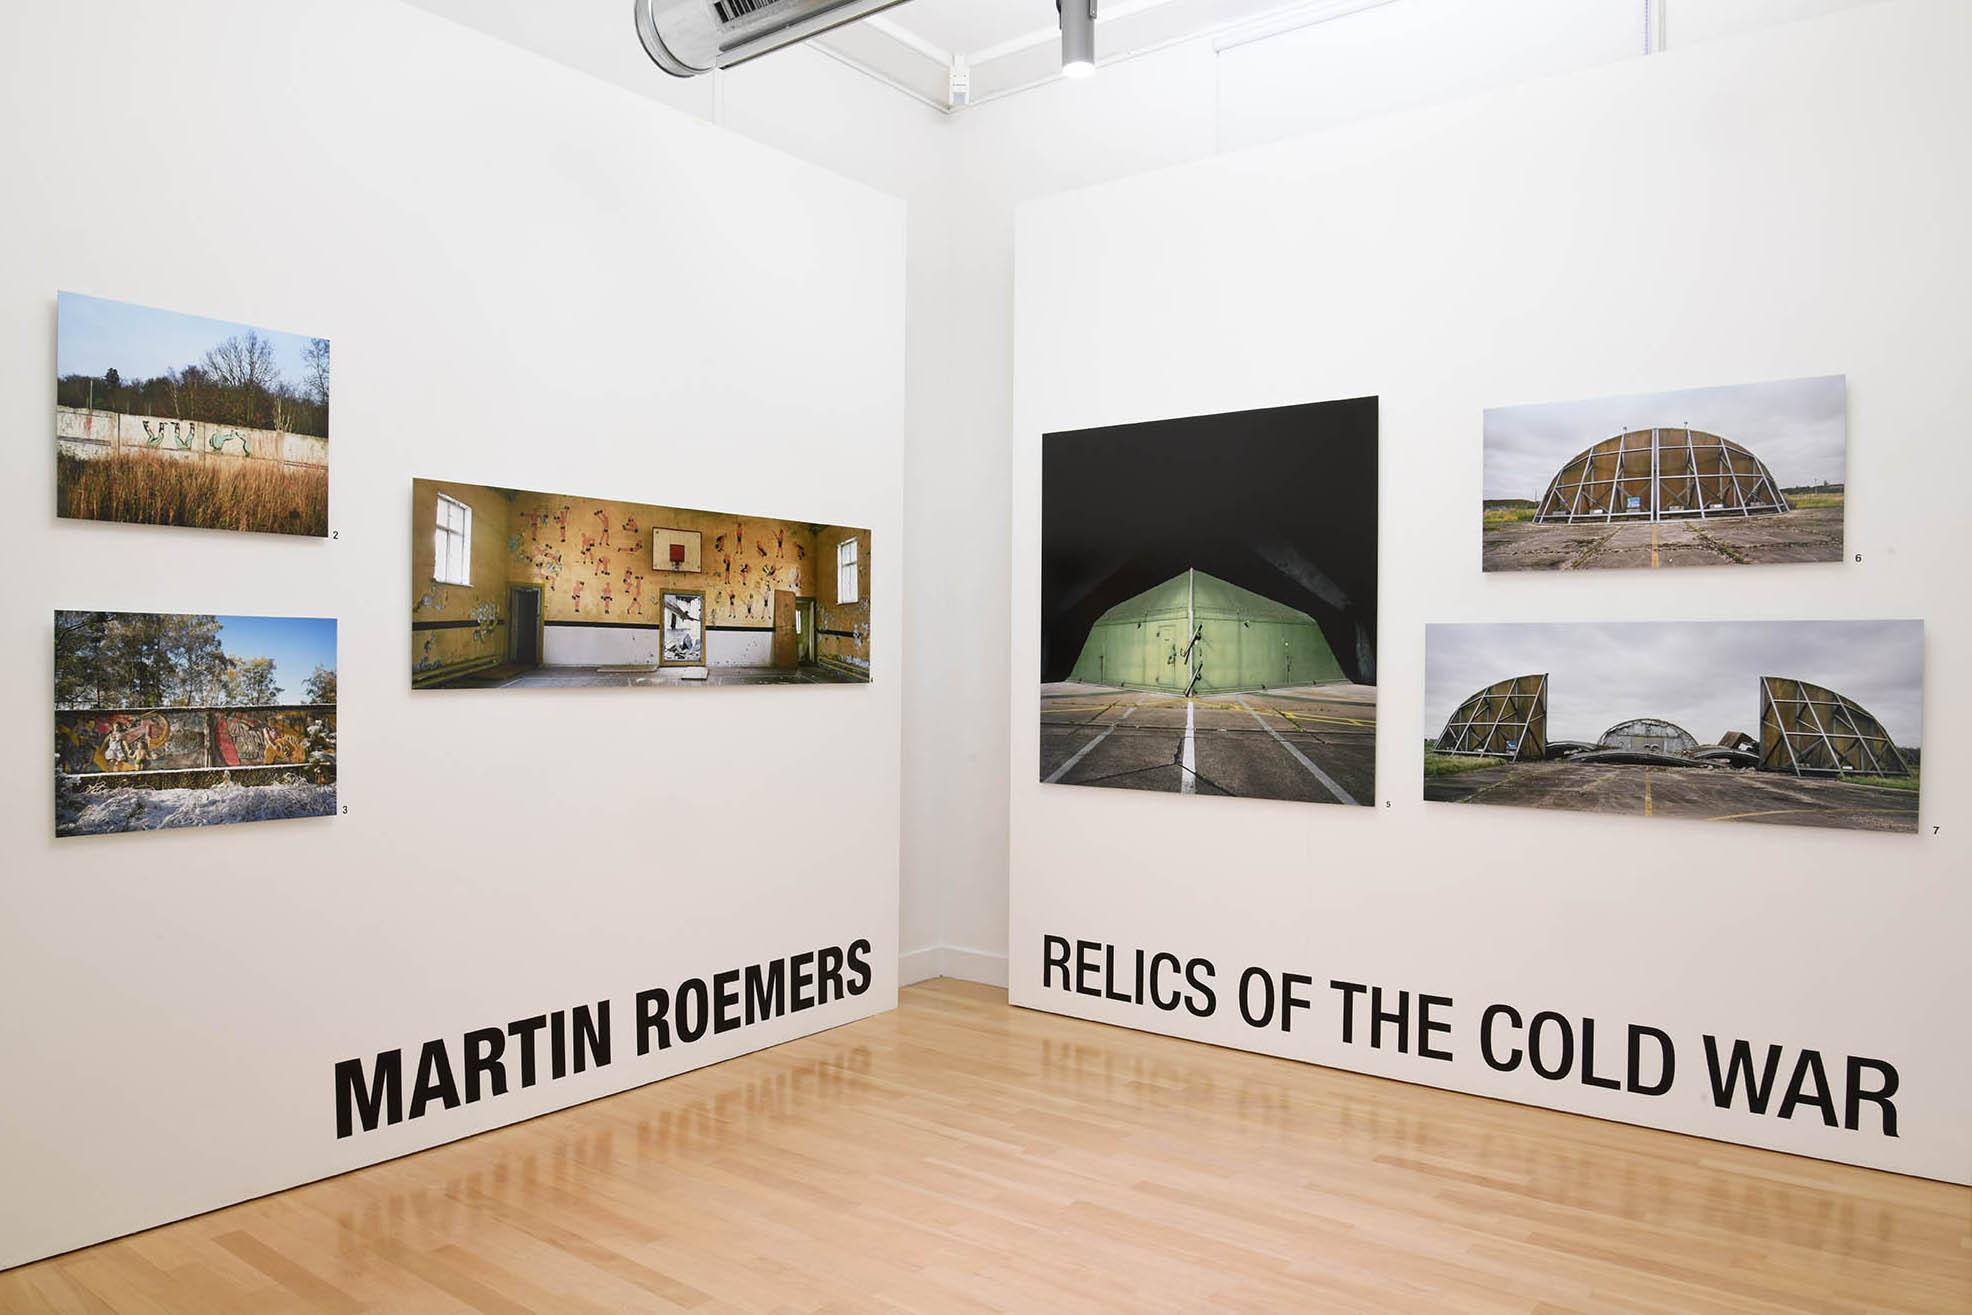 Museum de Fundatie, Zwolle, Netherlands, 2020